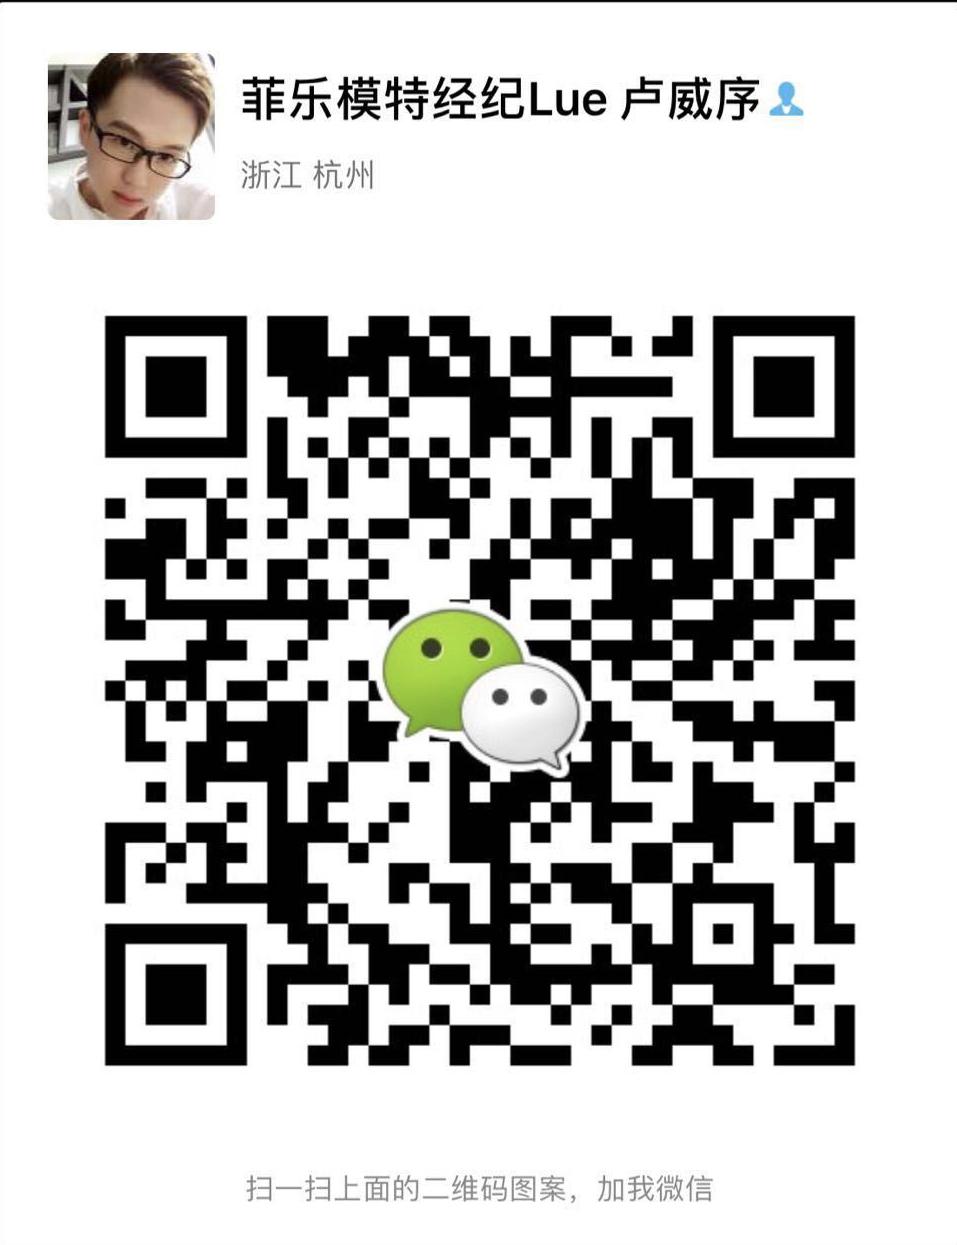 杭州外籍经纪人Lue